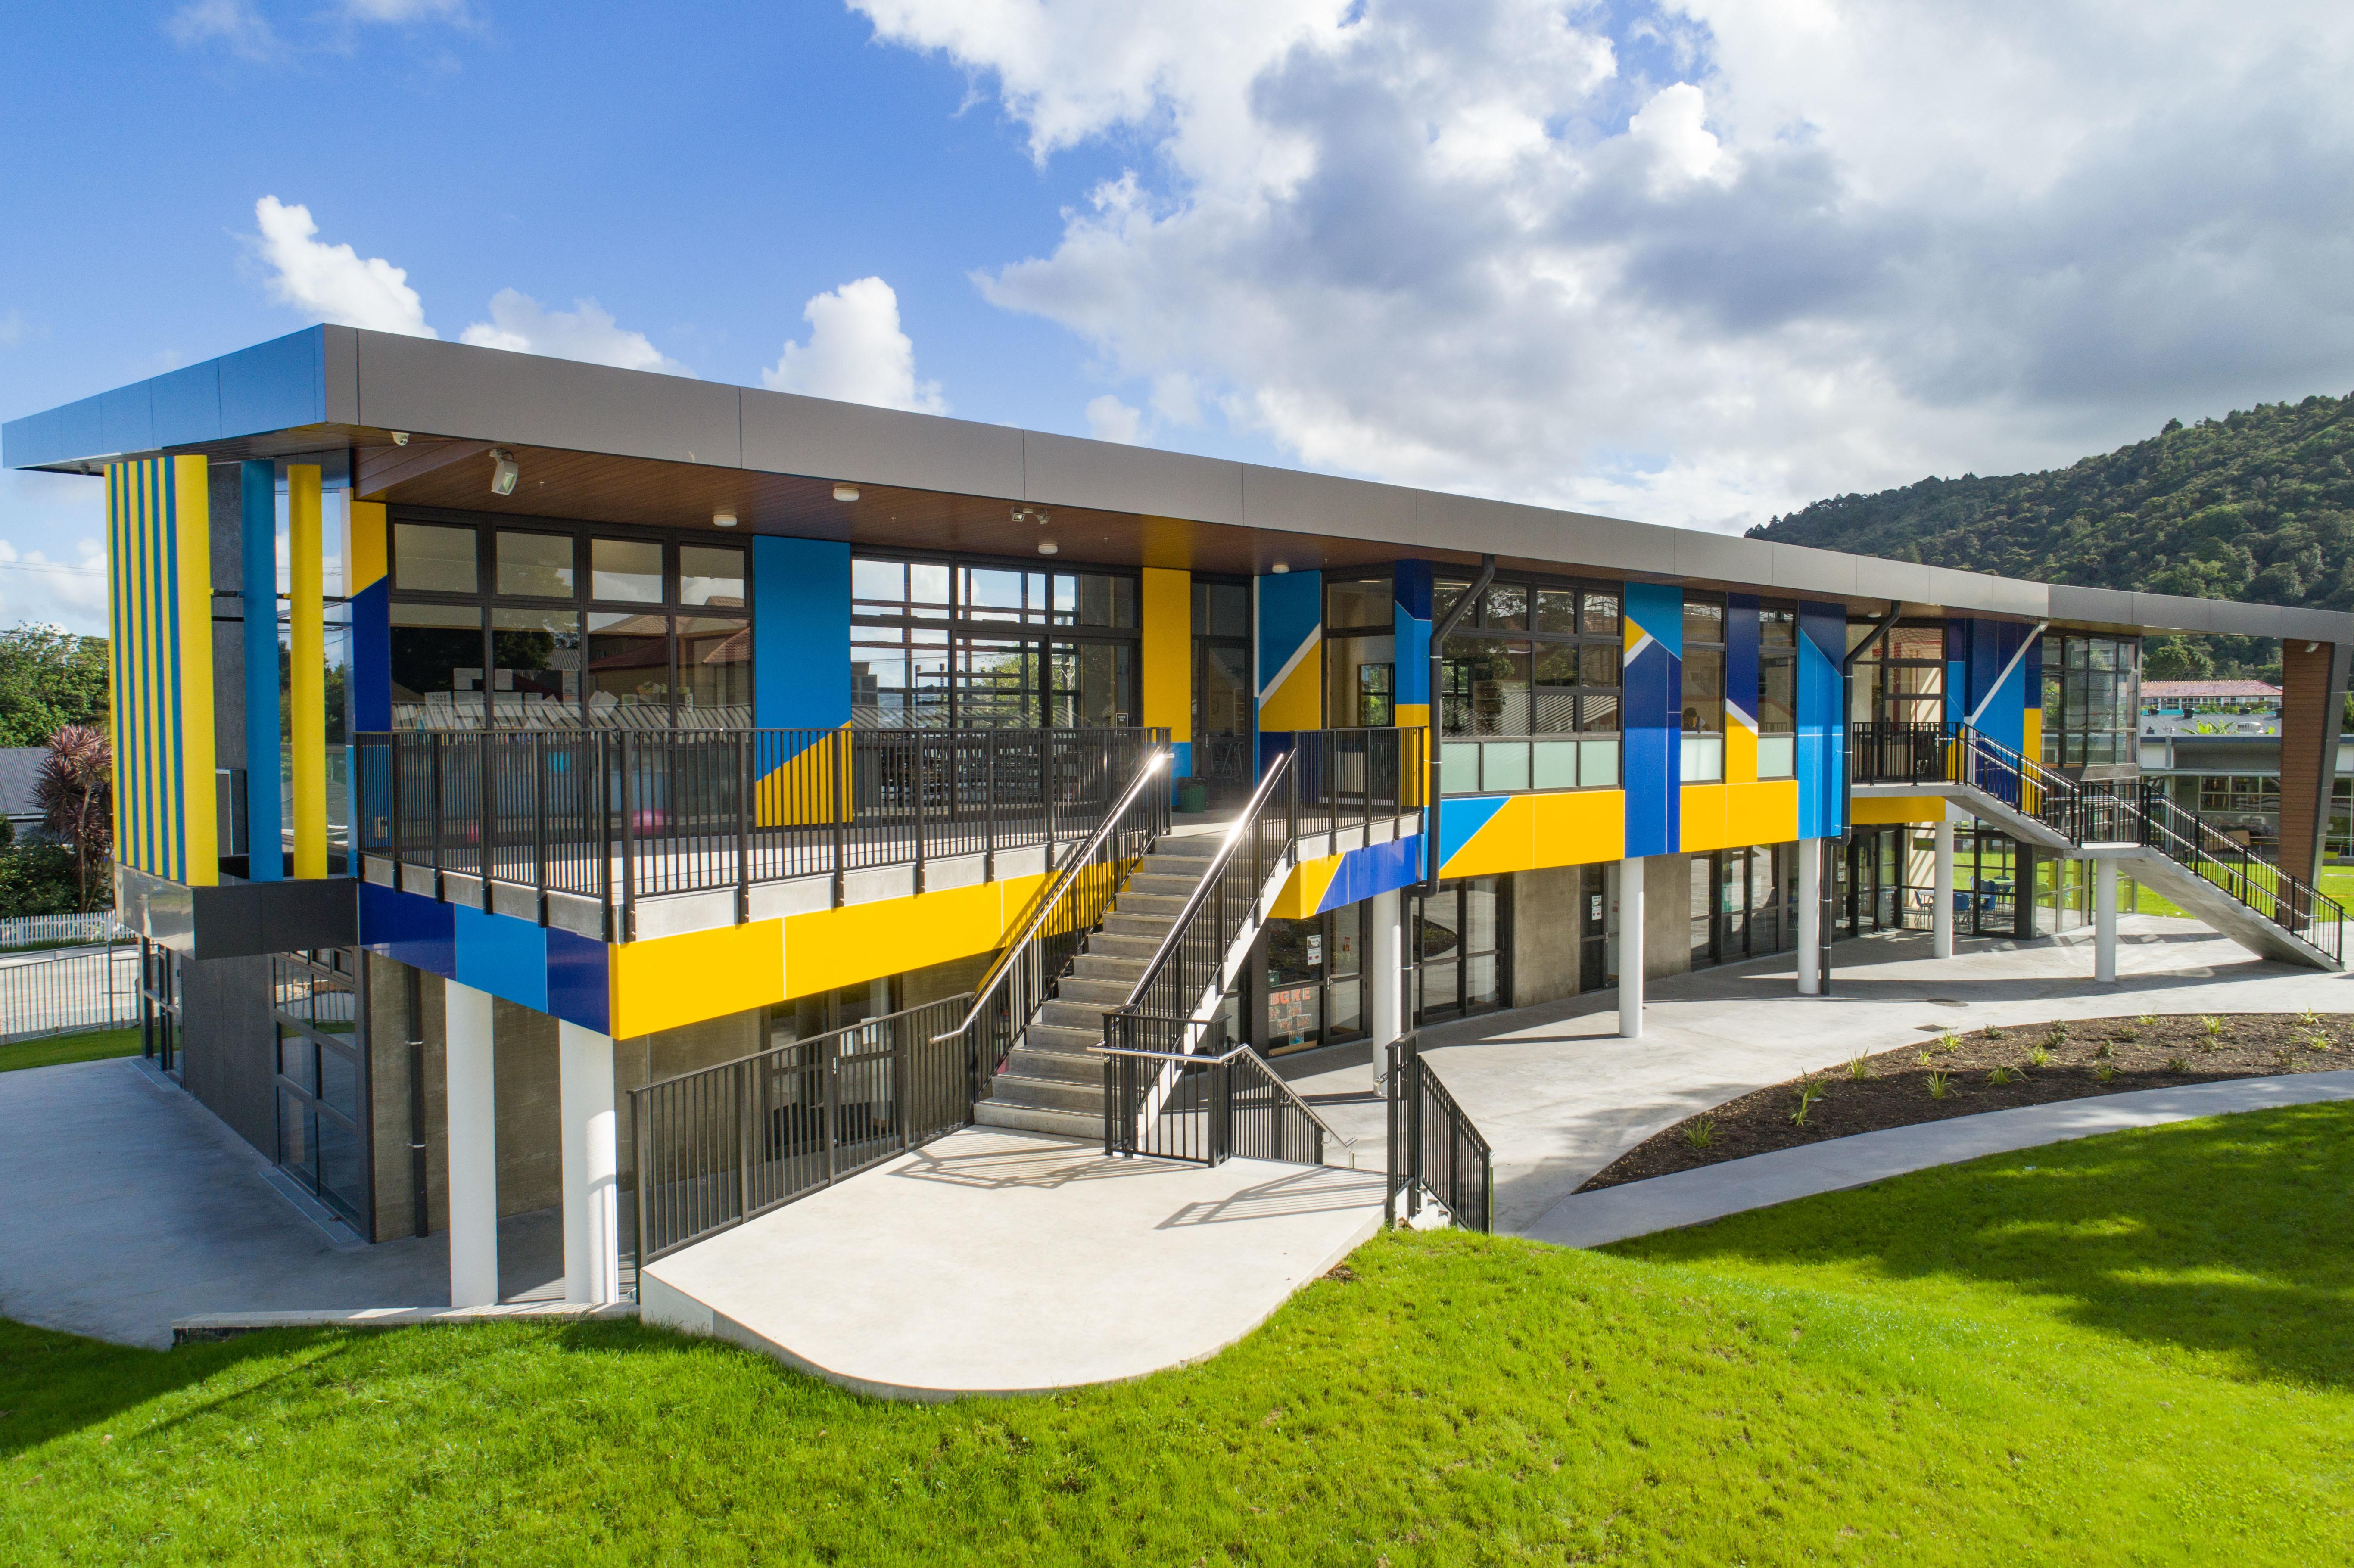 Whangarei Girls High School